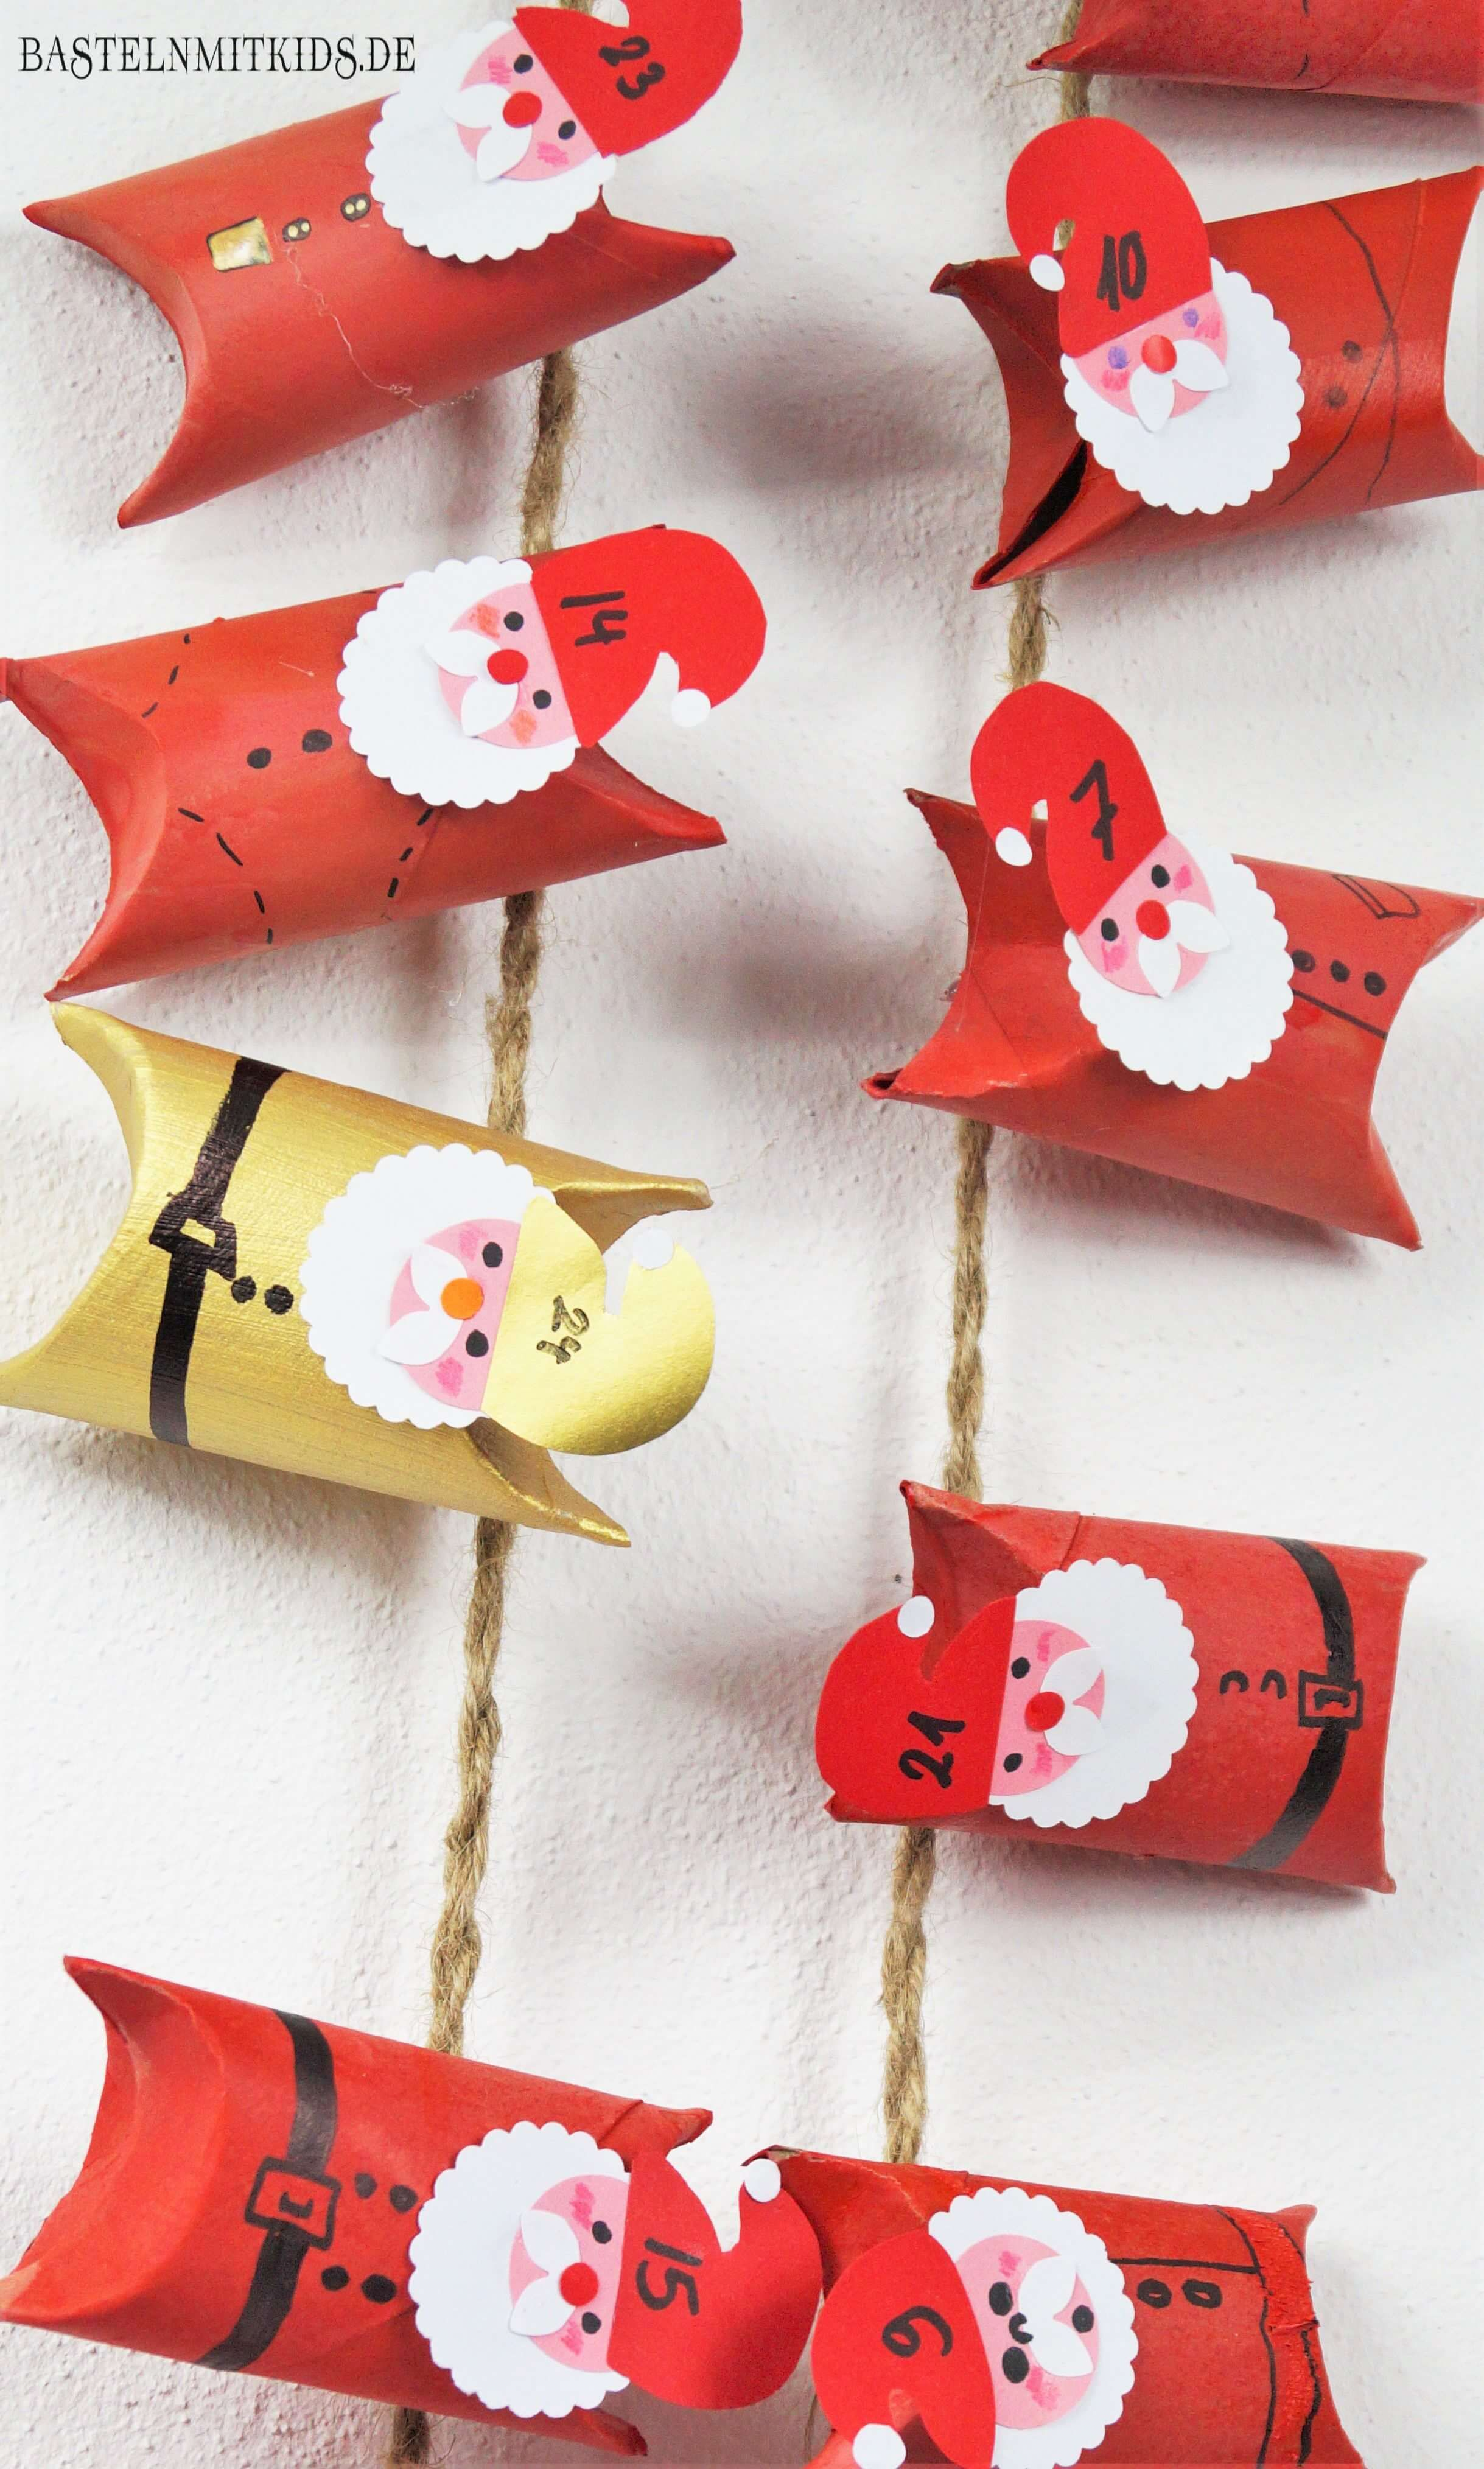 basteln mit kindern - adventskalender selber basteln mit